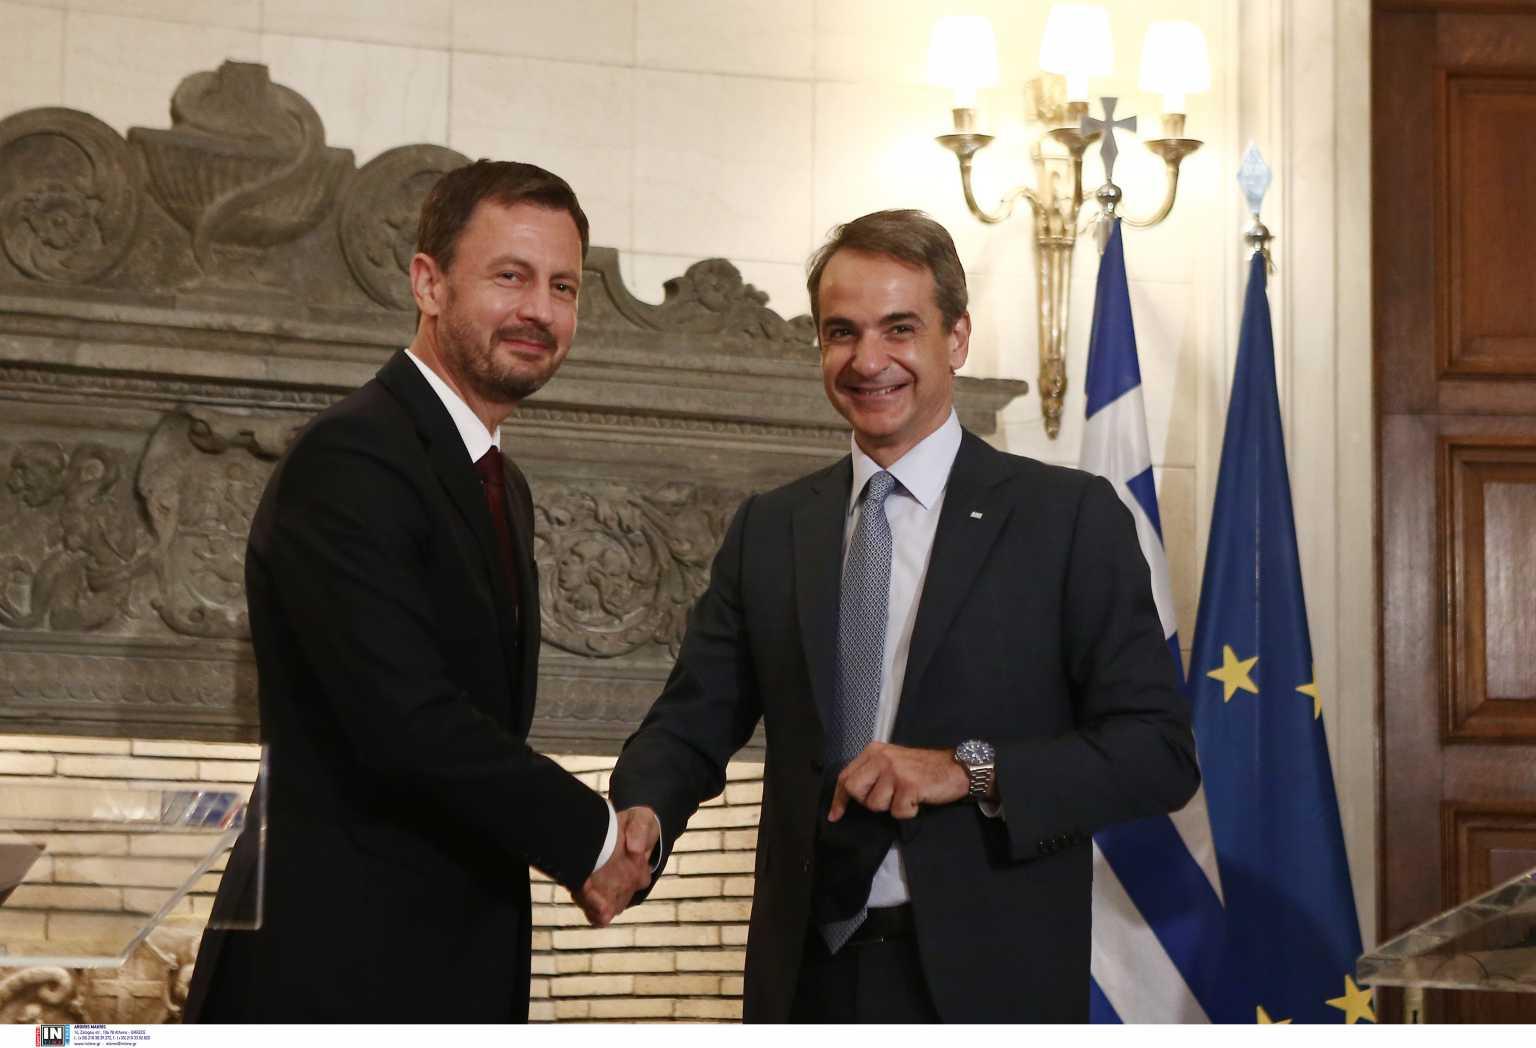 Κυριάκος Μητσοτάκης: Ελλάδα και Σλοβακία μπορούν να αναβαθμίσουν τους αμυντικούς και διπλωματικούς τους δεσμούς